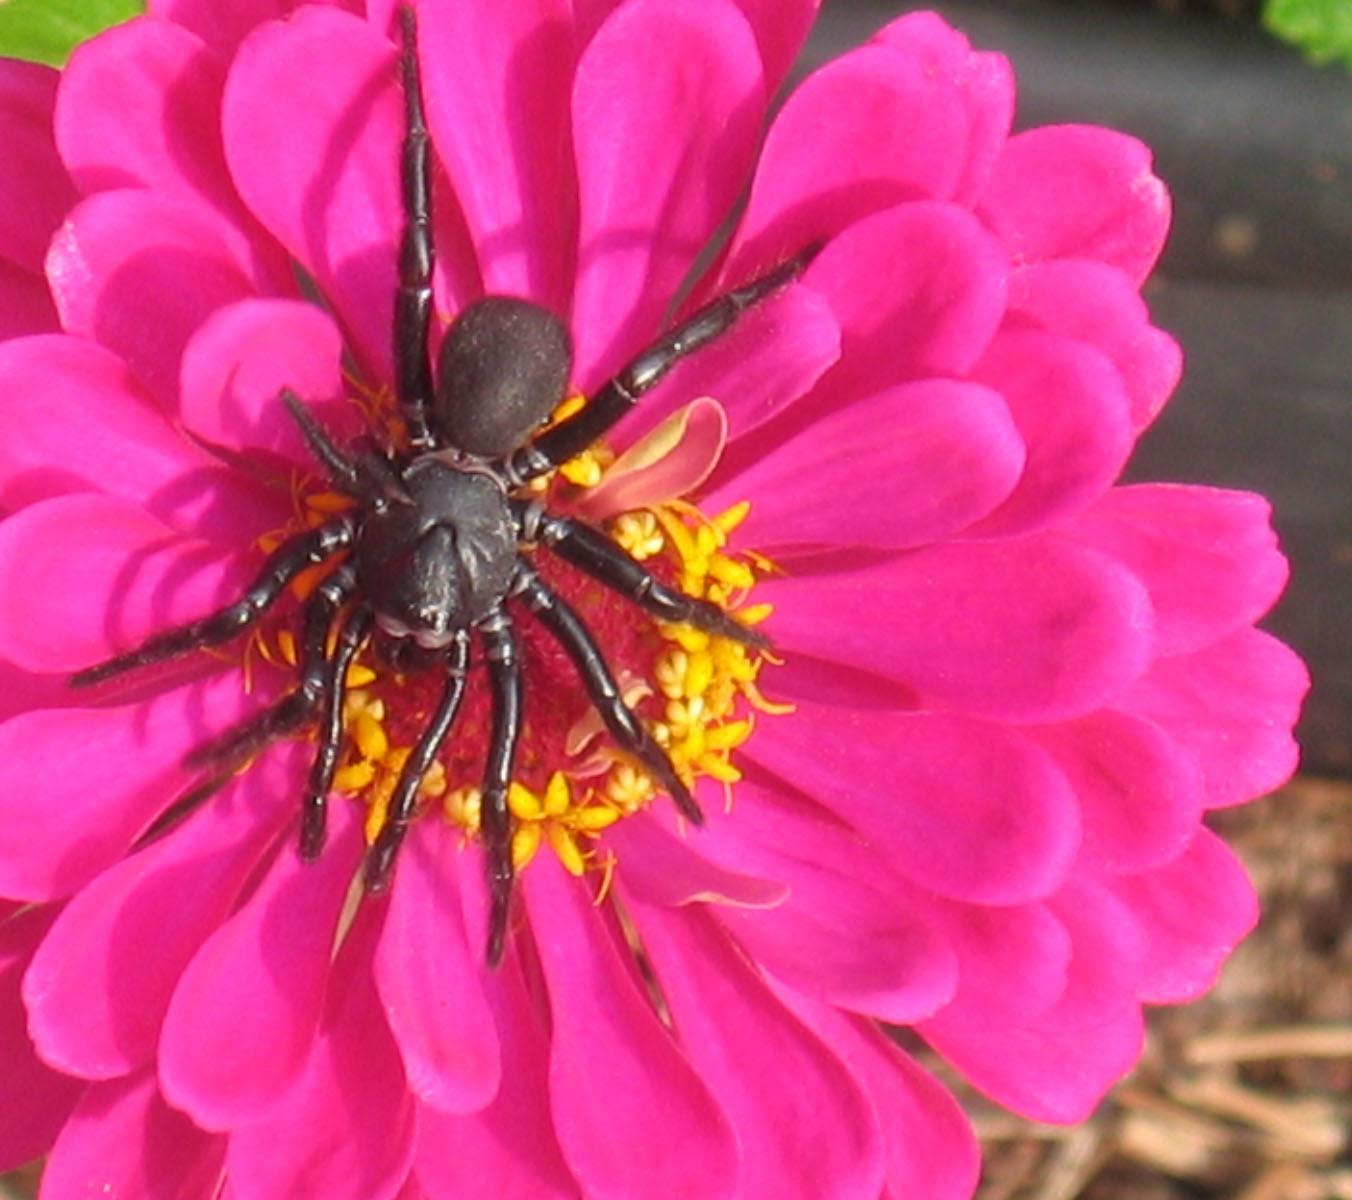 http://www.lesjones.com/images/posts/spiderflower.jpg